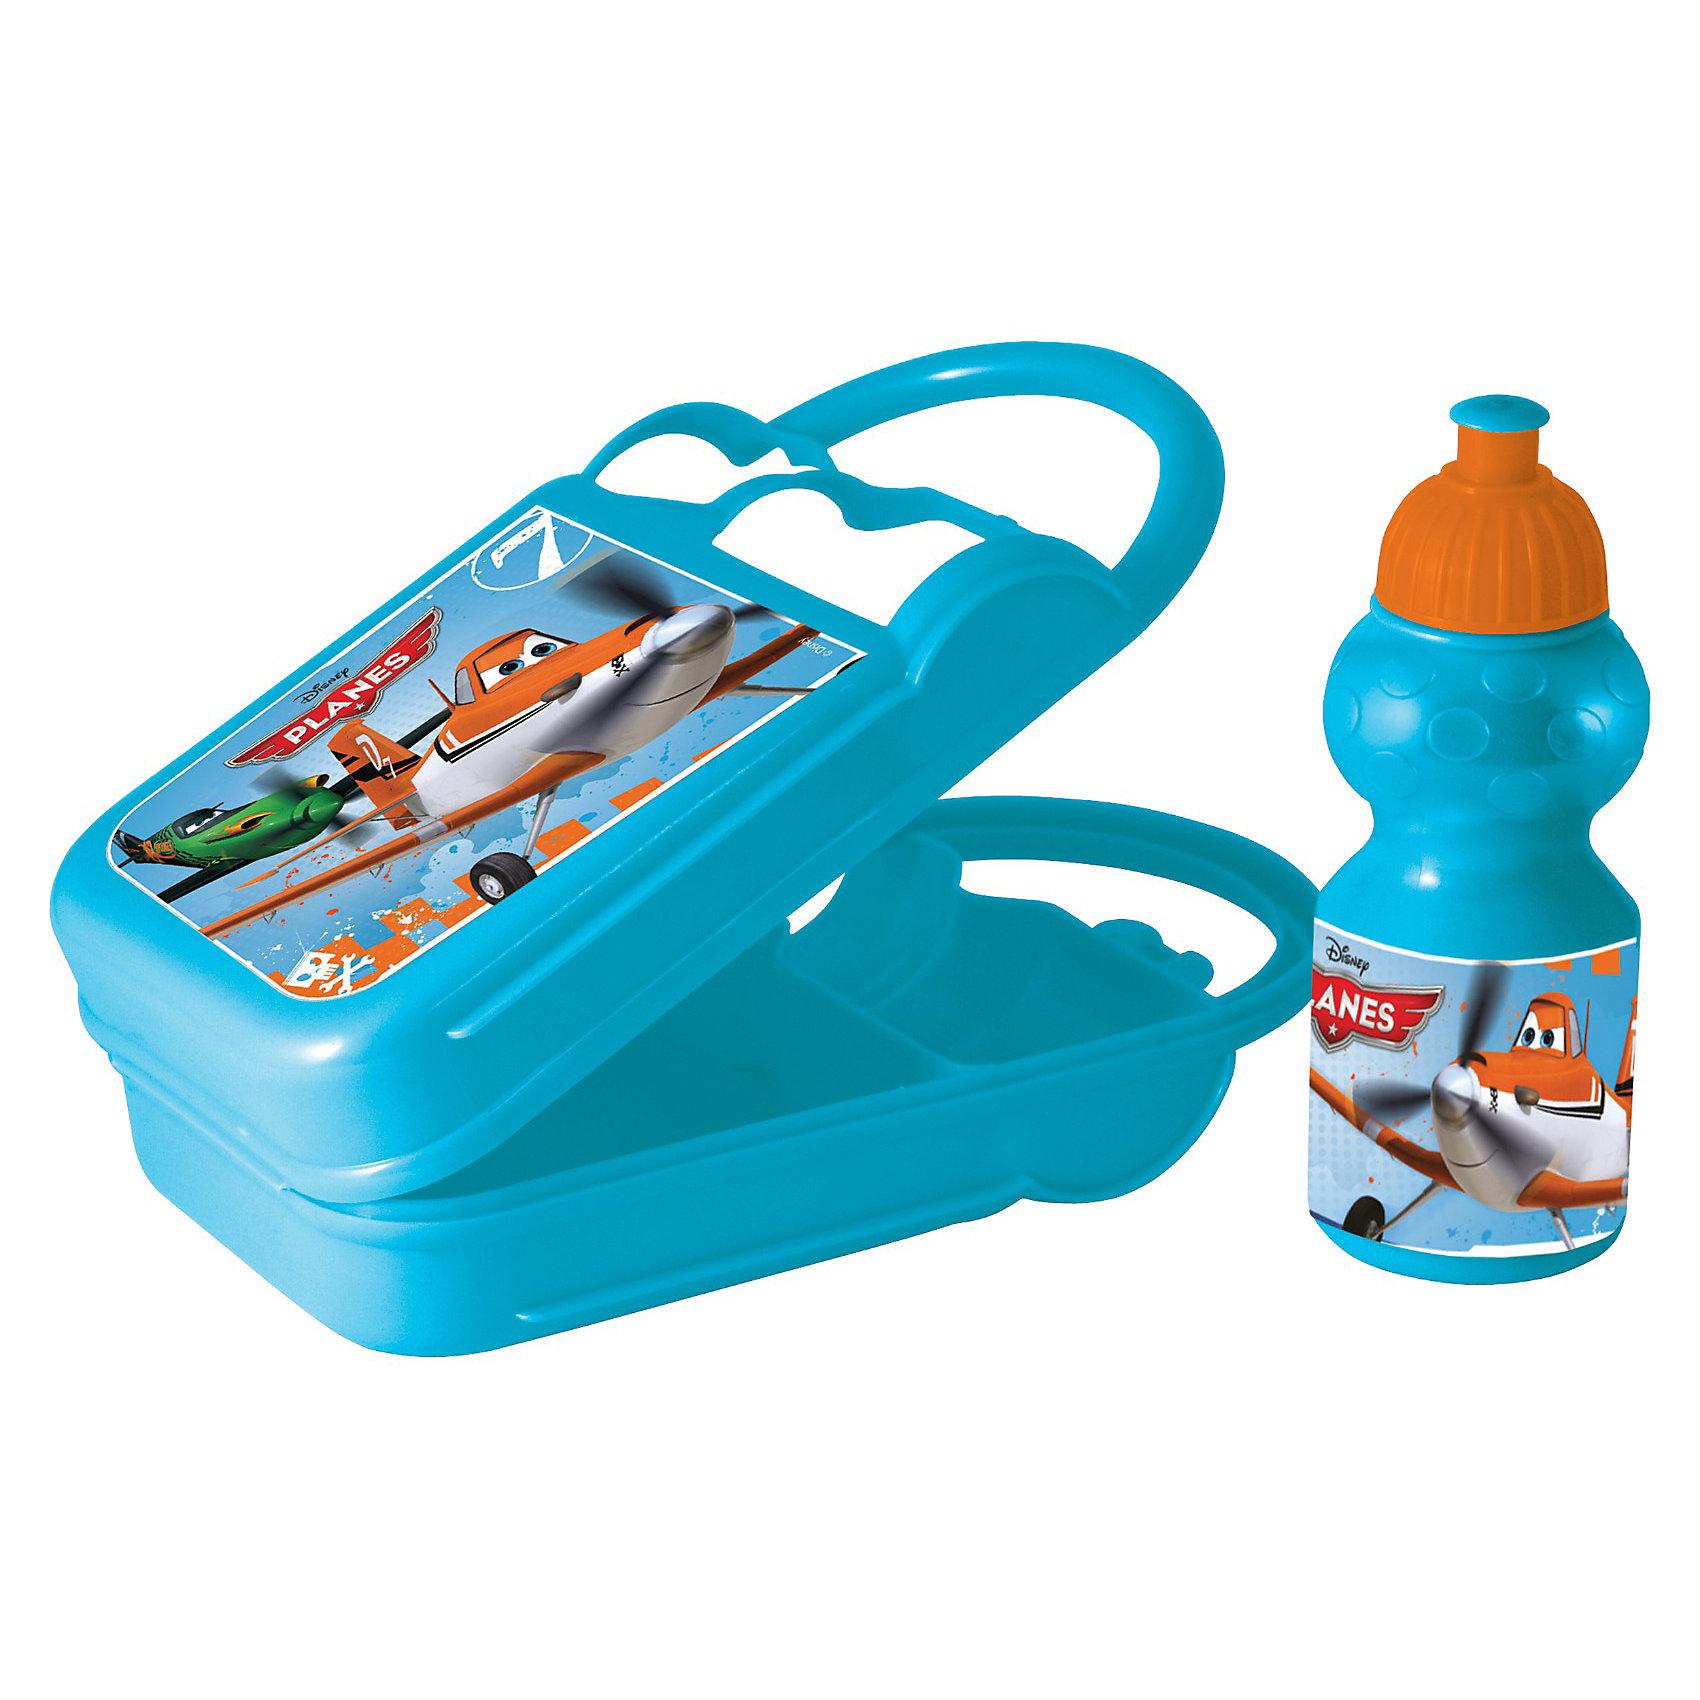 Контейнер для бутербродов с бутылкой, СамолетыОригинальный яркий детский контейнер для бутербродов с бутылкой (400 мл) Самолеты с  изображением любимых героев непременно  порадует Вашего малыша и Вам не придется уговаривать его взять еду с собой: теперь это его любимое занятие!<br><br>Дополнительная информация:<br>- Объем: 400 мл<br>- Материал: пищевой пластик<br>- Размеры: 27 х 7,5 х 18 см<br>- Не предназначен для использования в микроволновой печи<br><br>Контейнер для бутербродов с бутылкой Самолеты можно купить в нашем магазине.<br><br>Ширина мм: 270<br>Глубина мм: 75<br>Высота мм: 187<br>Вес г: 208<br>Возраст от месяцев: 36<br>Возраст до месяцев: 156<br>Пол: Мужской<br>Возраст: Детский<br>SKU: 3248346